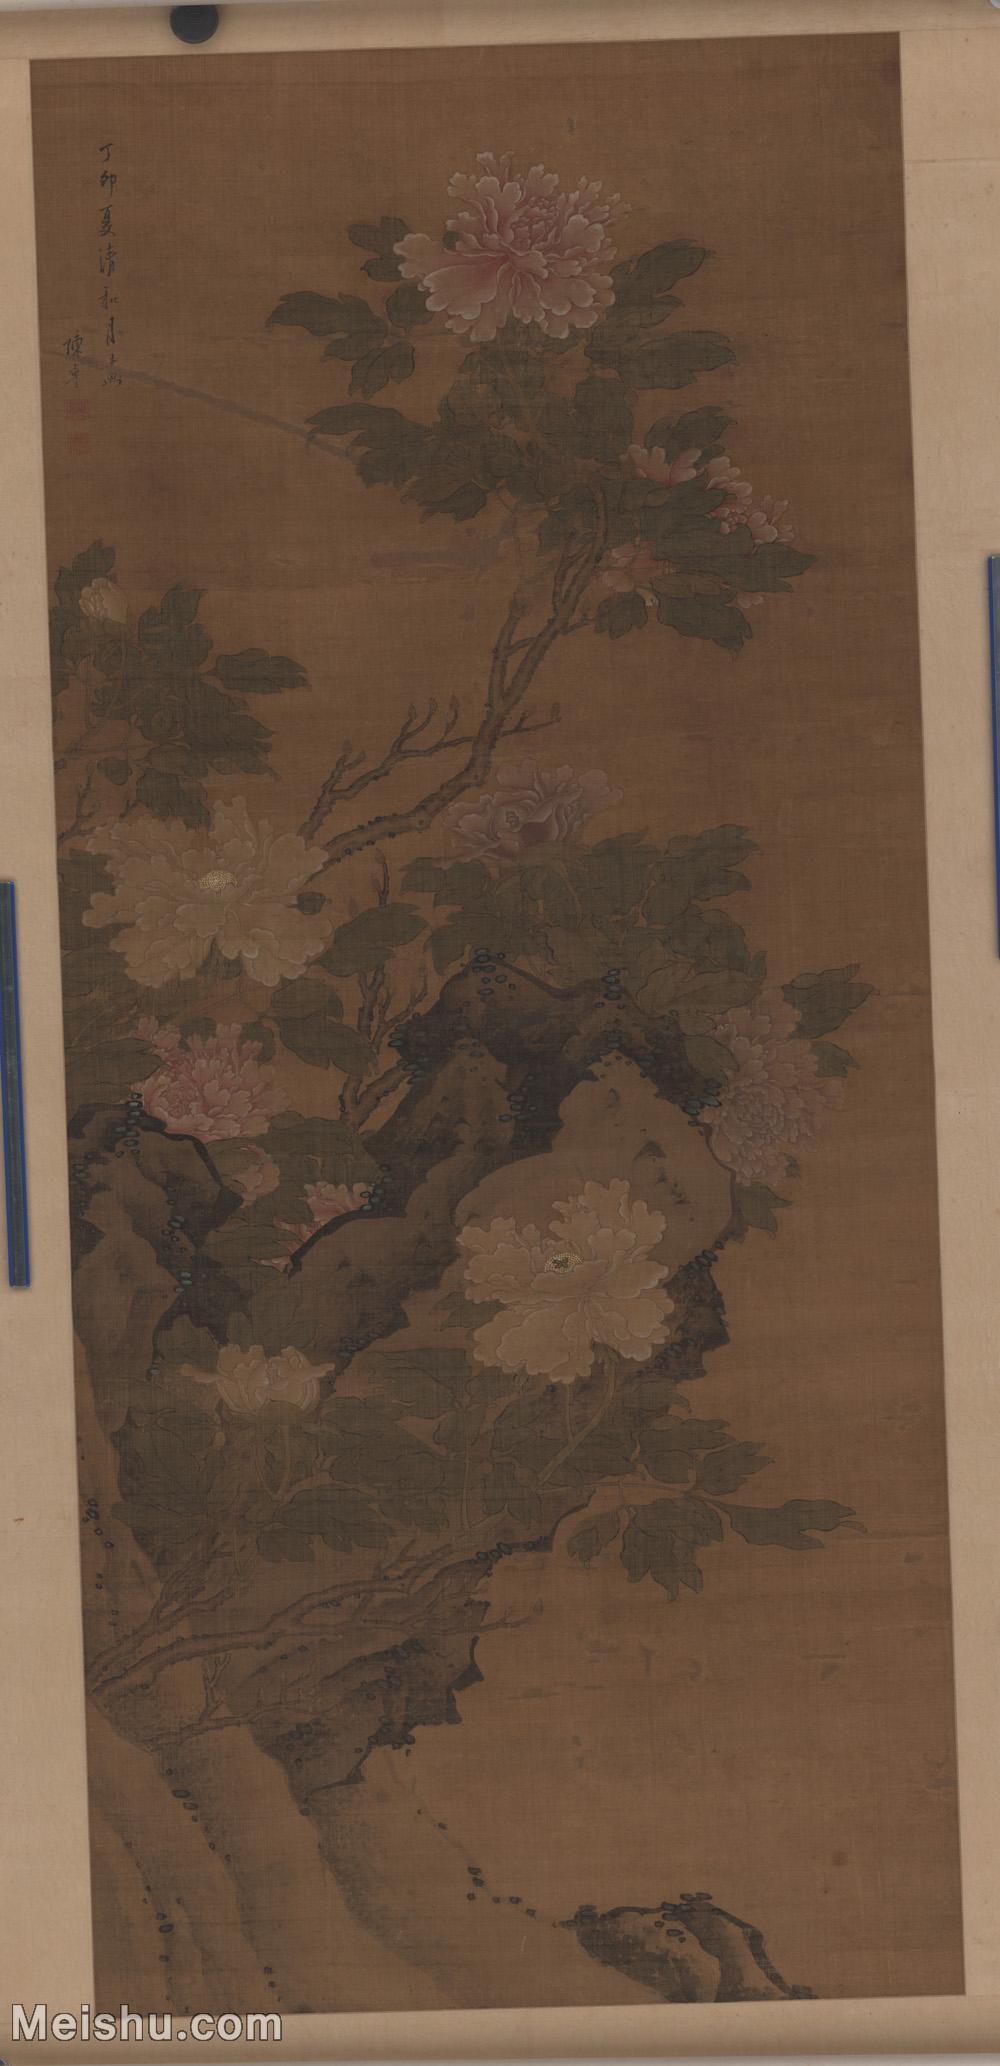 【超顶级】GH6085289古画花鸟鲜花卉设色牡丹图立轴图片-454M-8768X18112.jpg